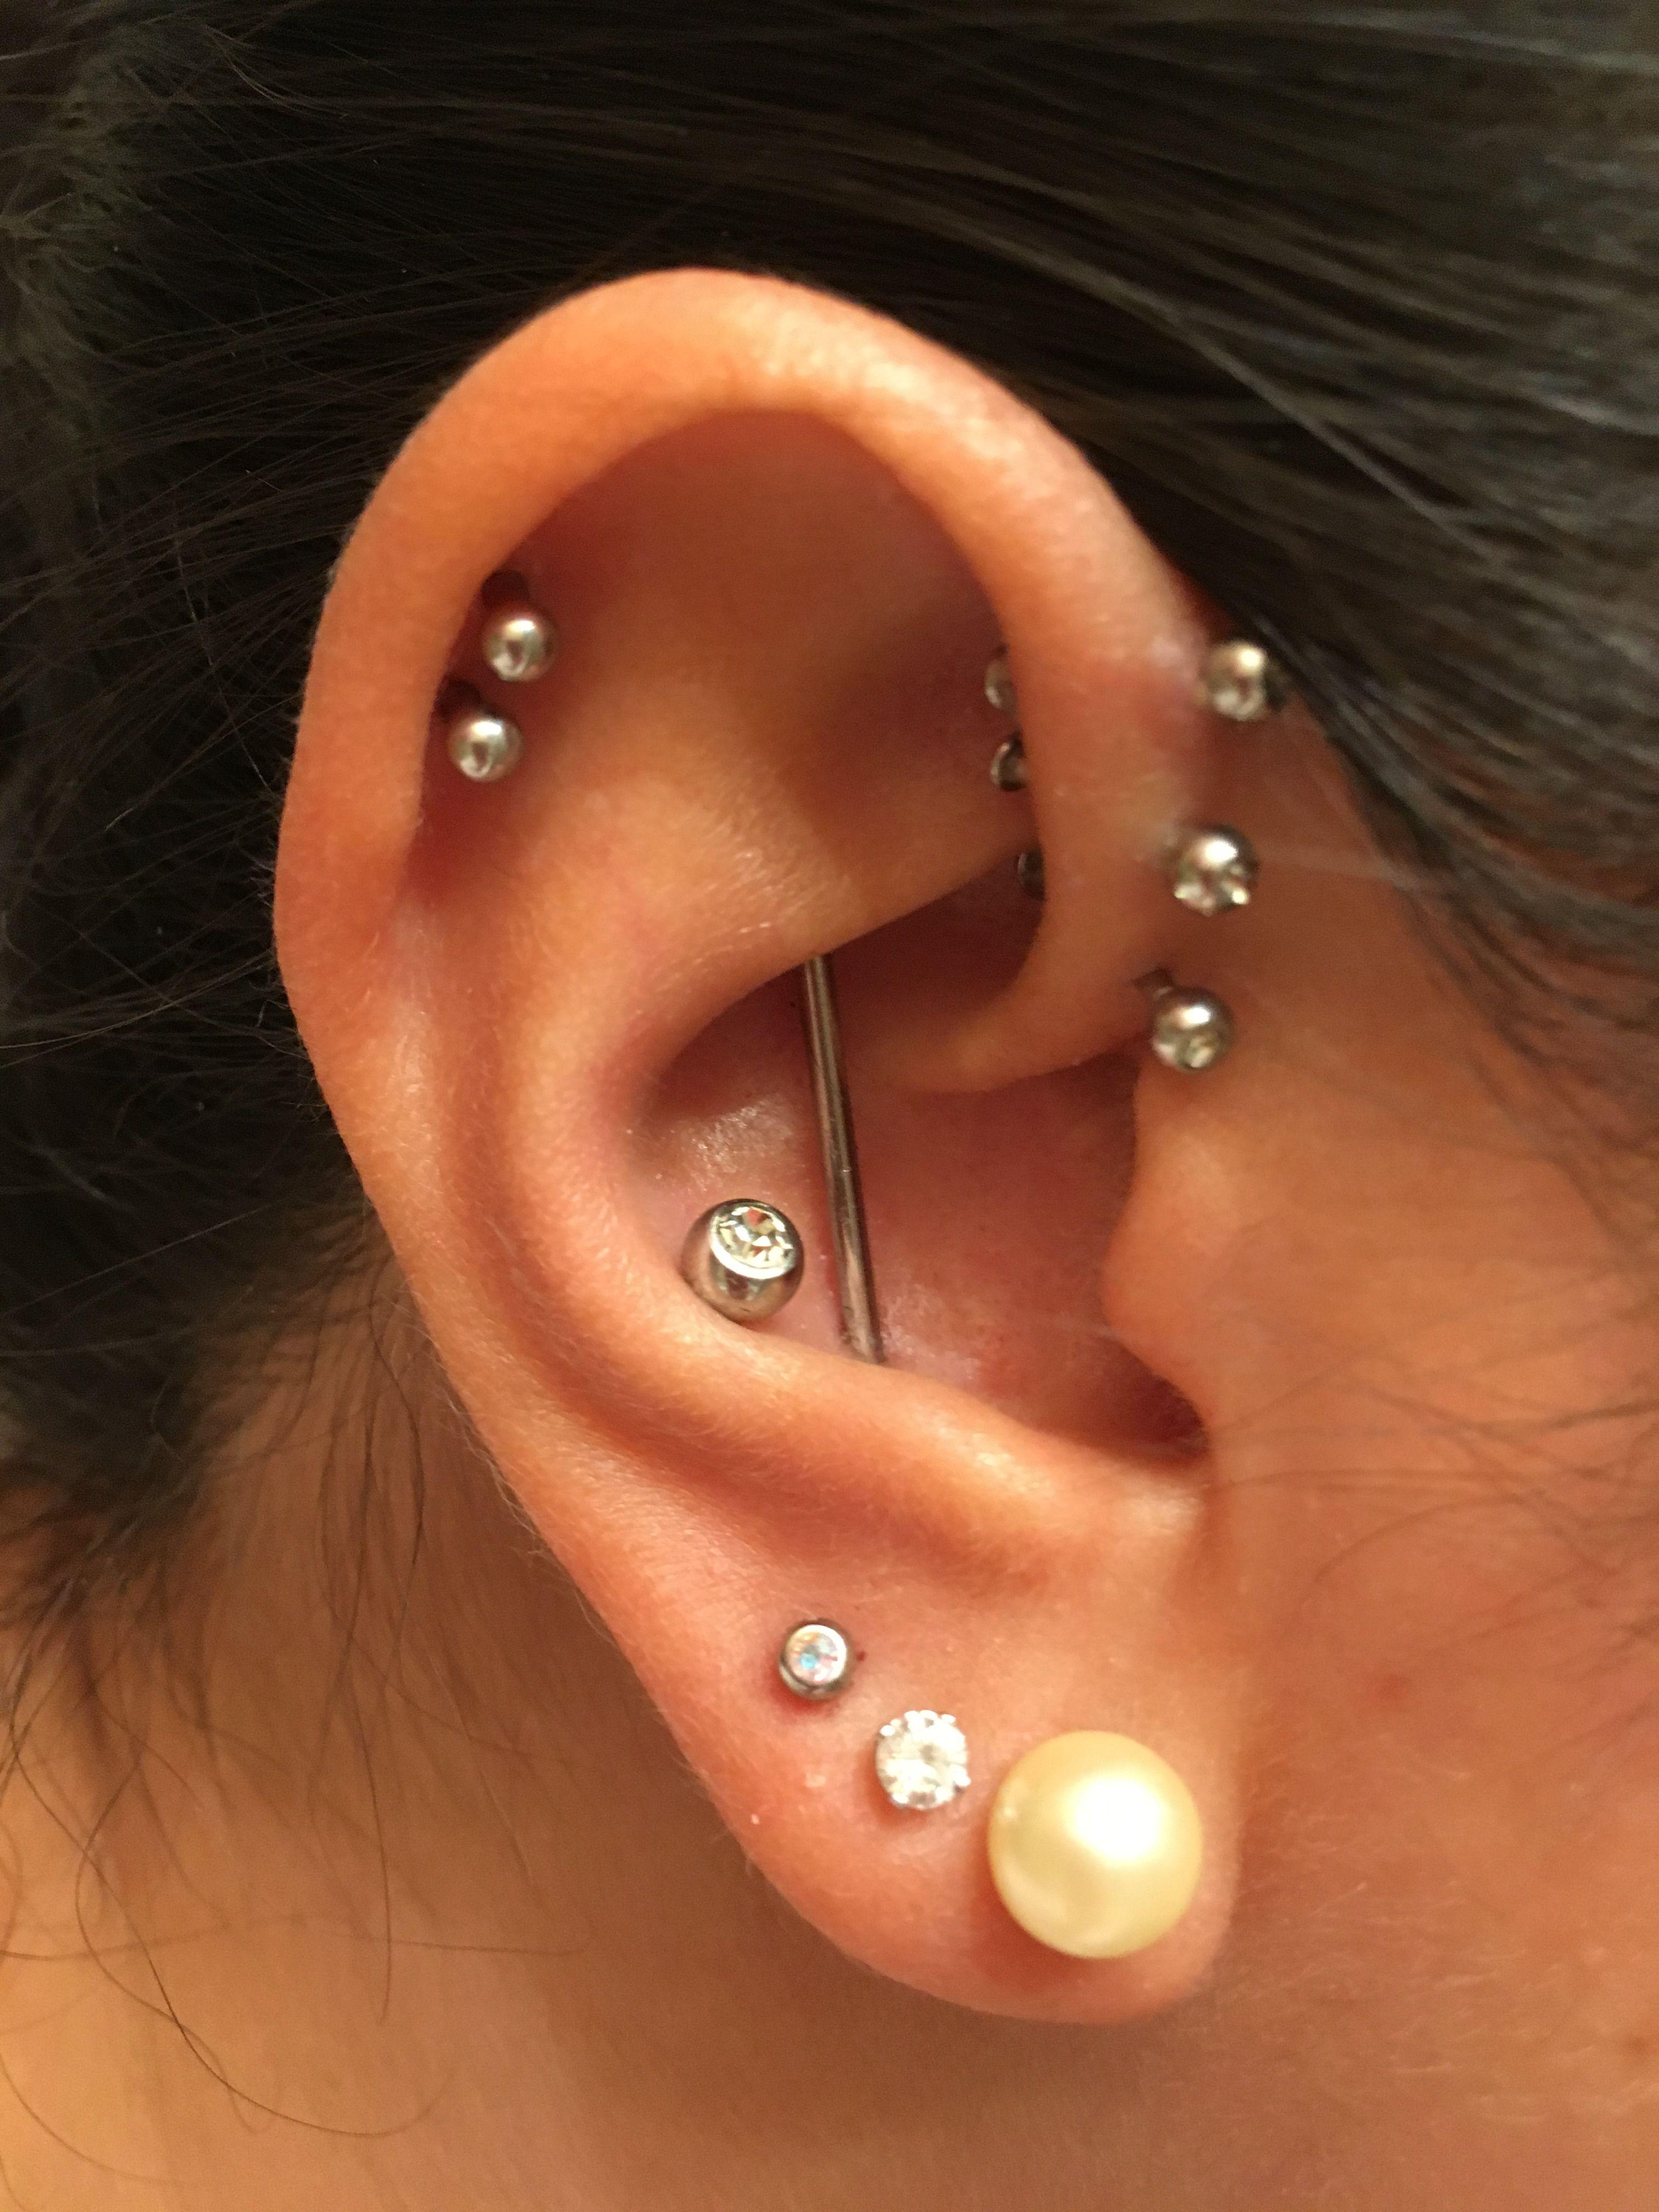 My Piercings 3 Lobes Conch Double Cartilage Conch Industrial Triple Forward Helix Bar Ear Piercing Piercings Body Piercings